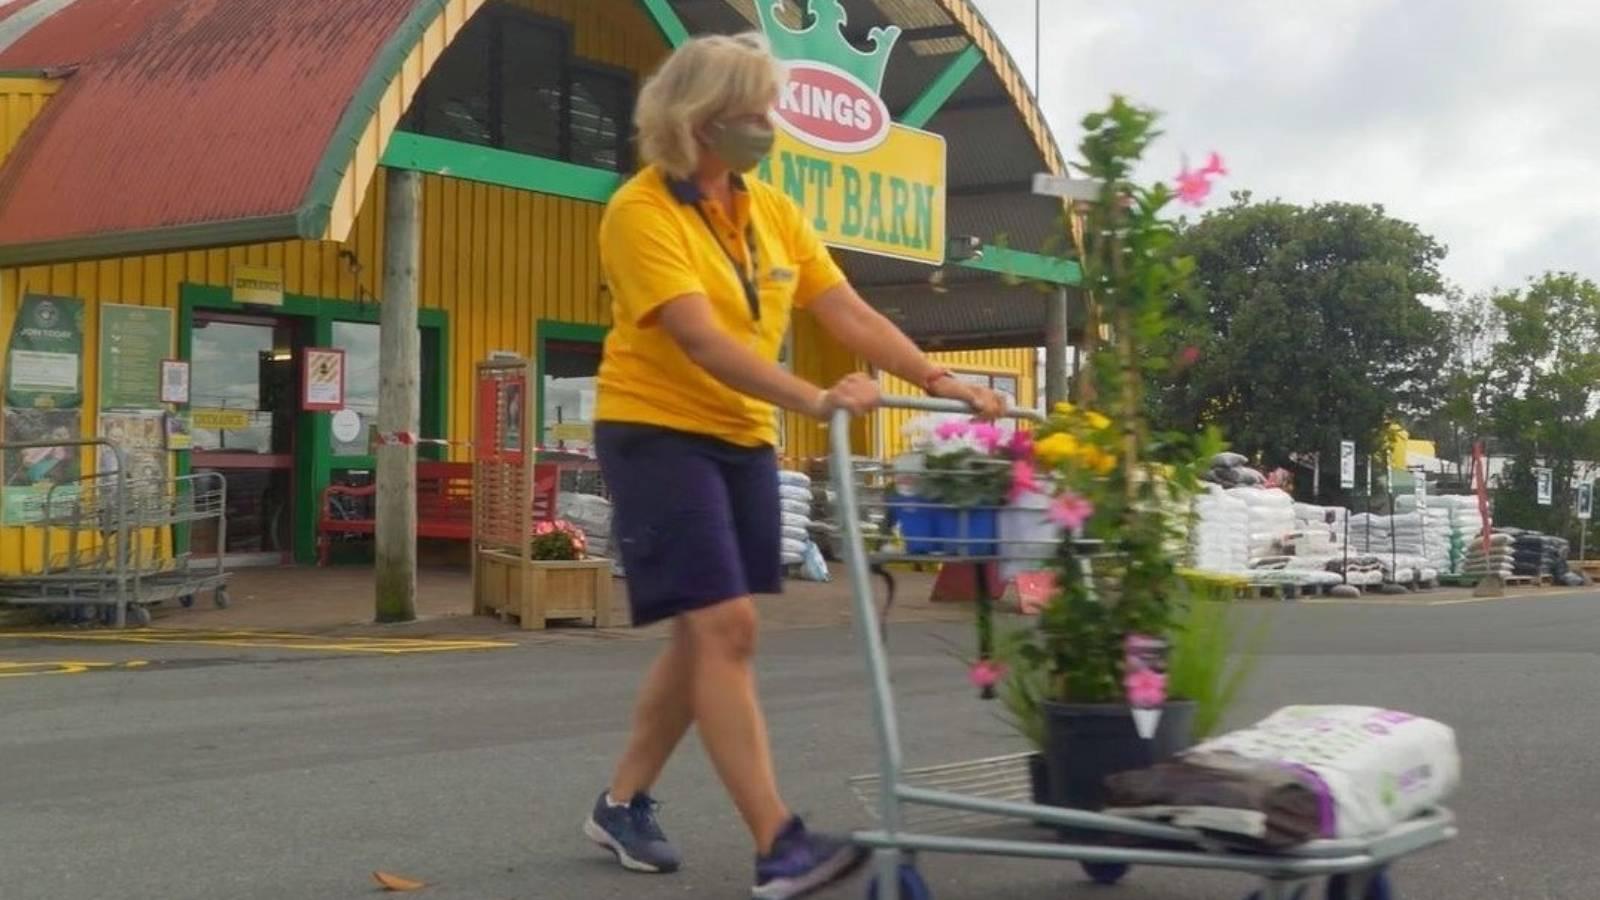 Auckland gardeners rush garden centres